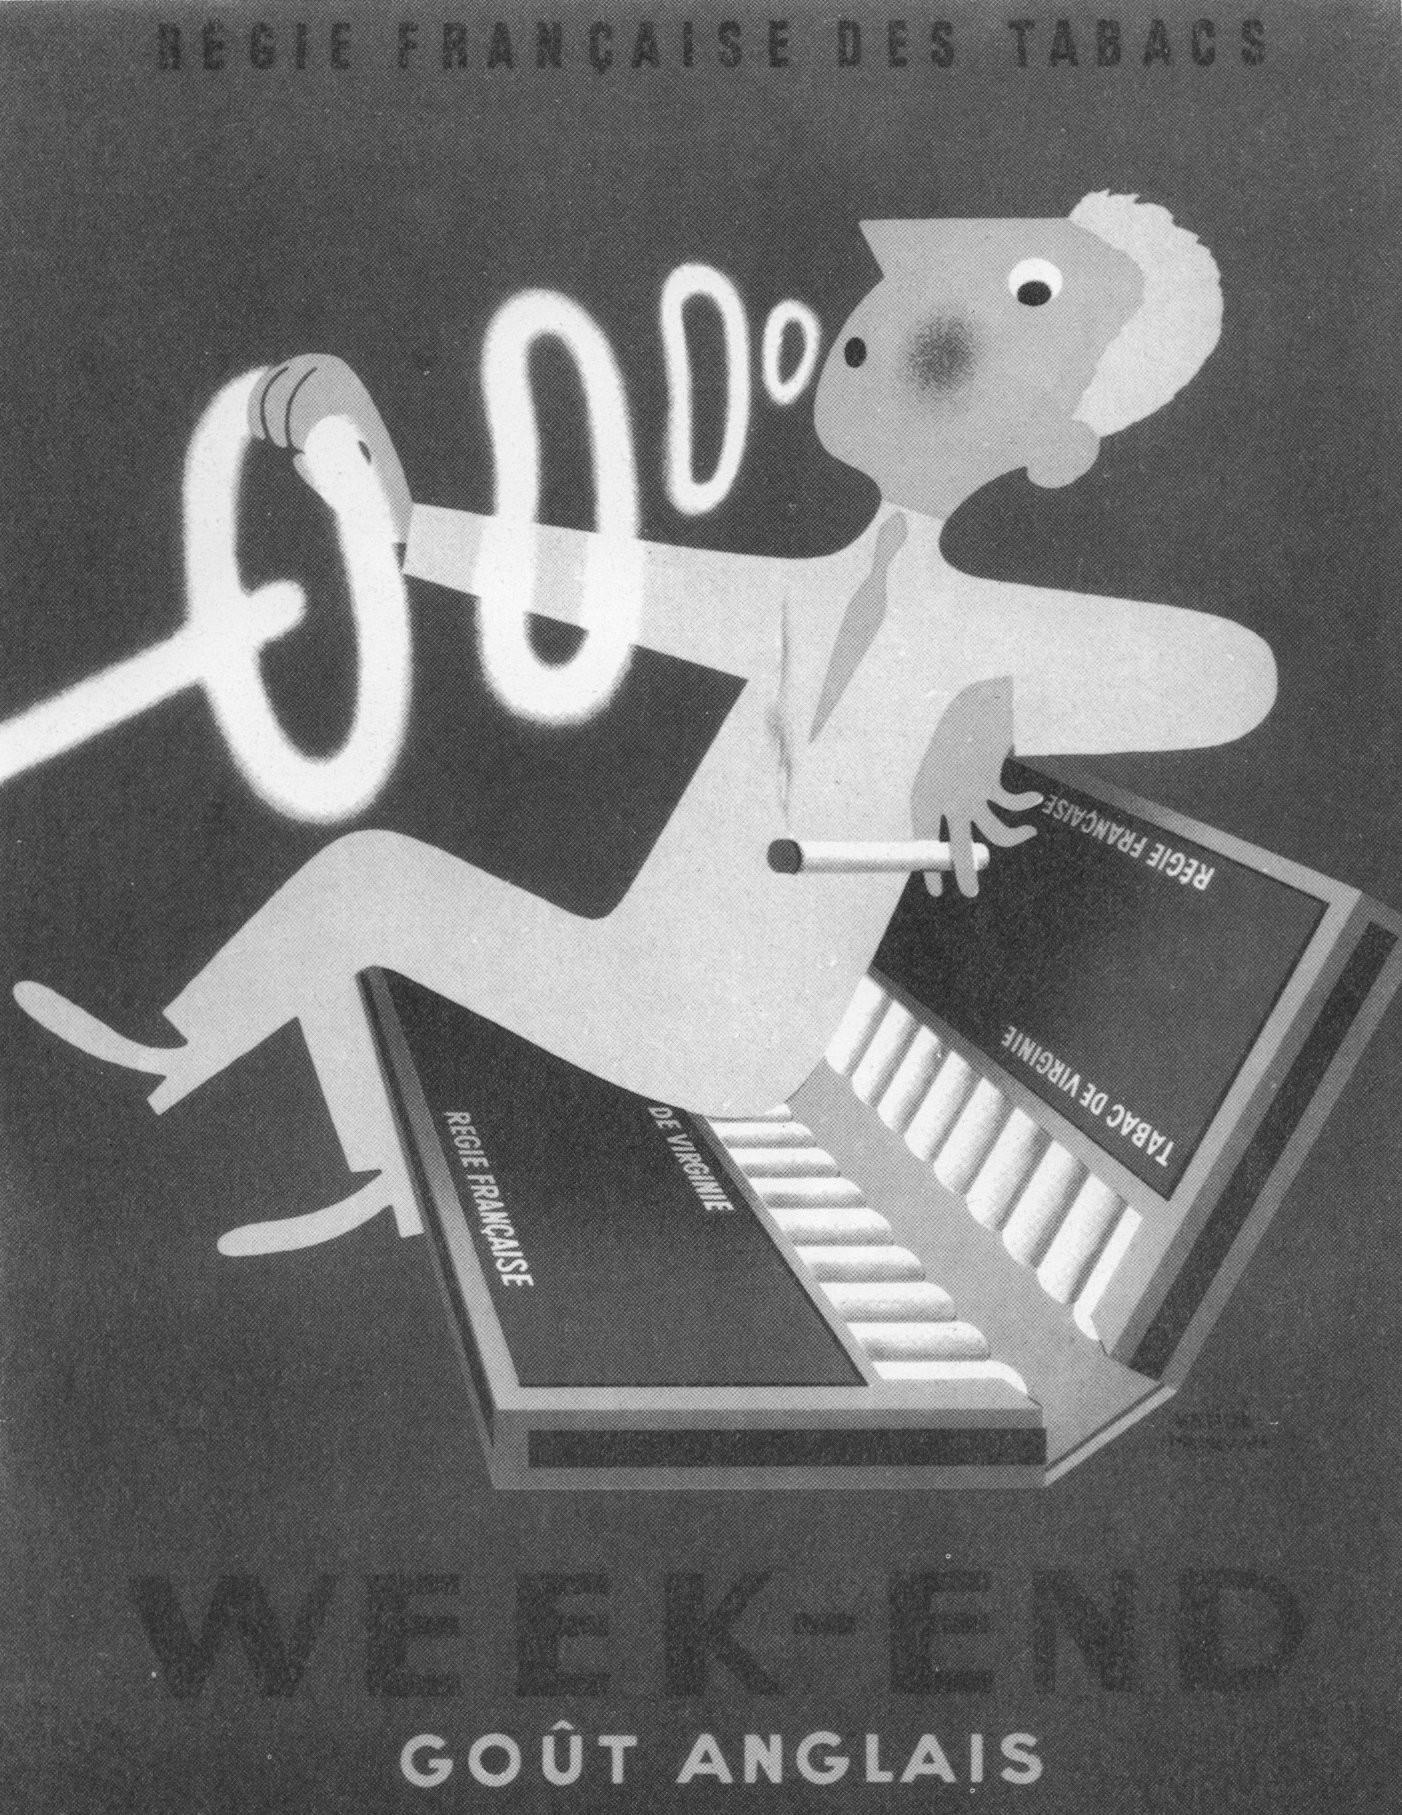 Publicite 1950 1965 32